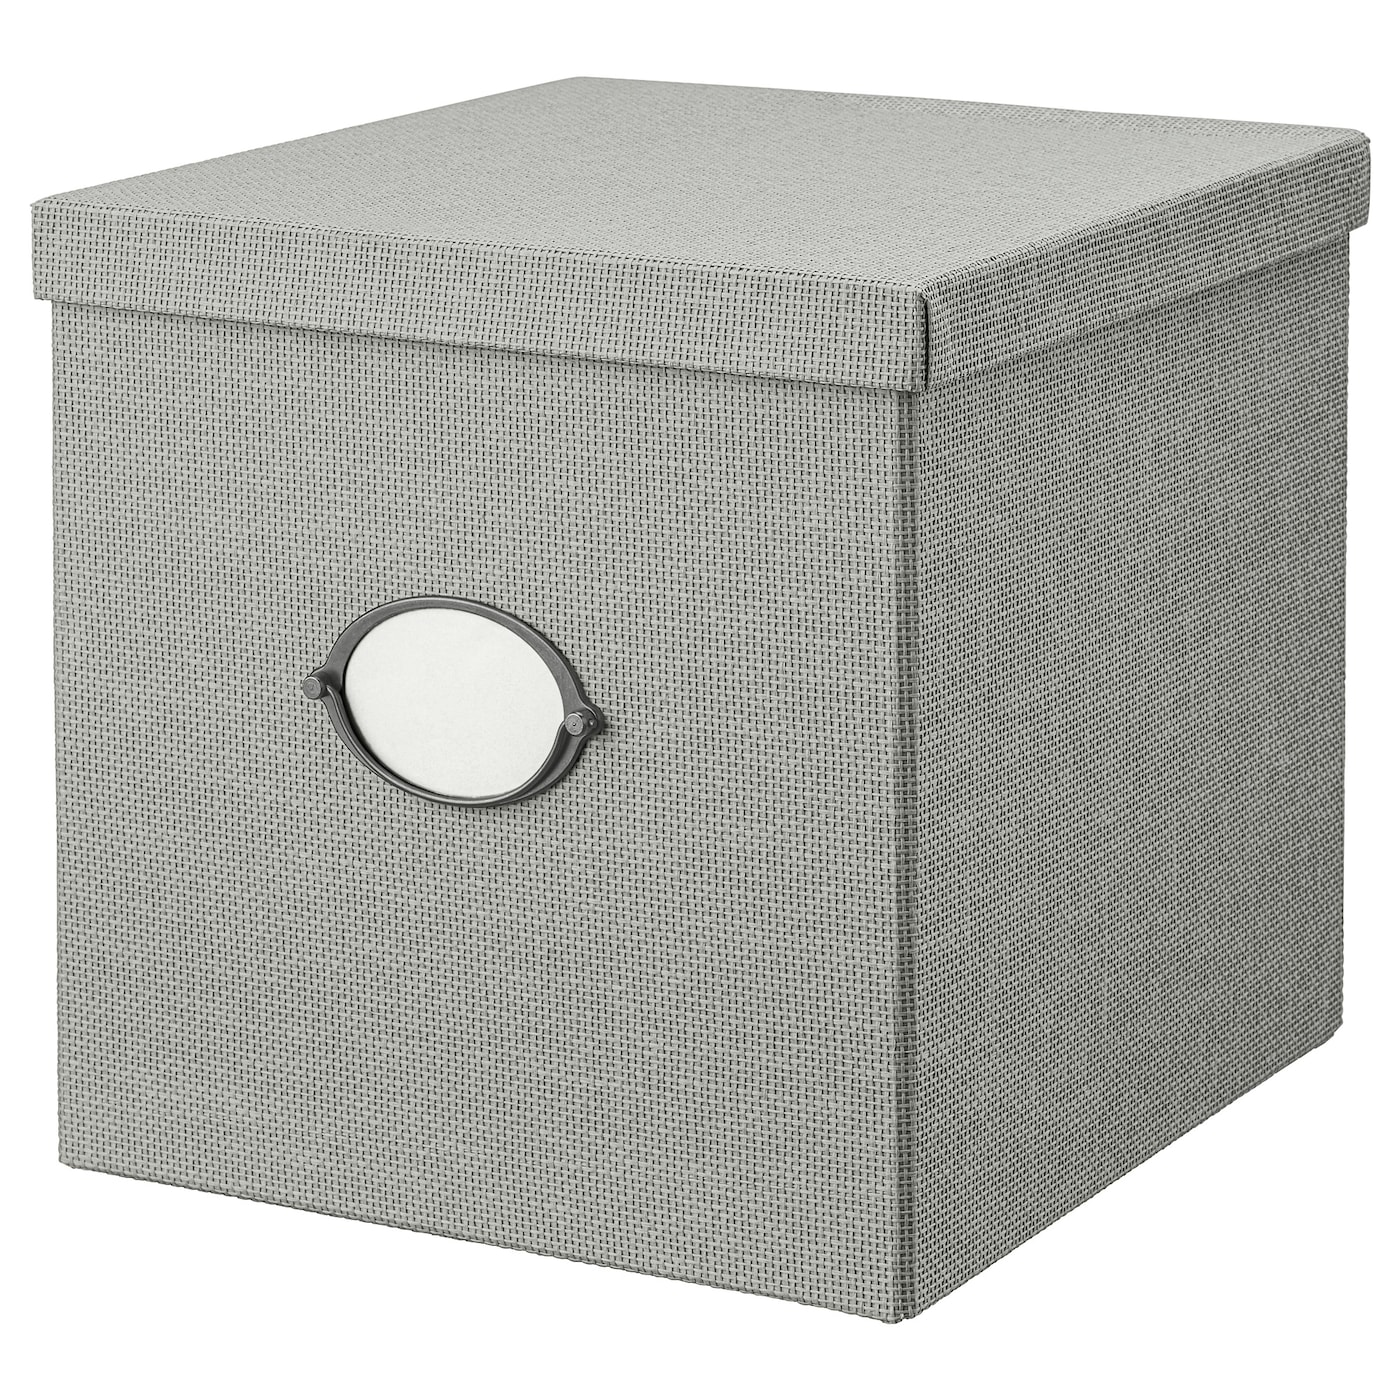 IKEA KVARNVIK Kasten mit Deckel – 35 x 32 x 32 cm